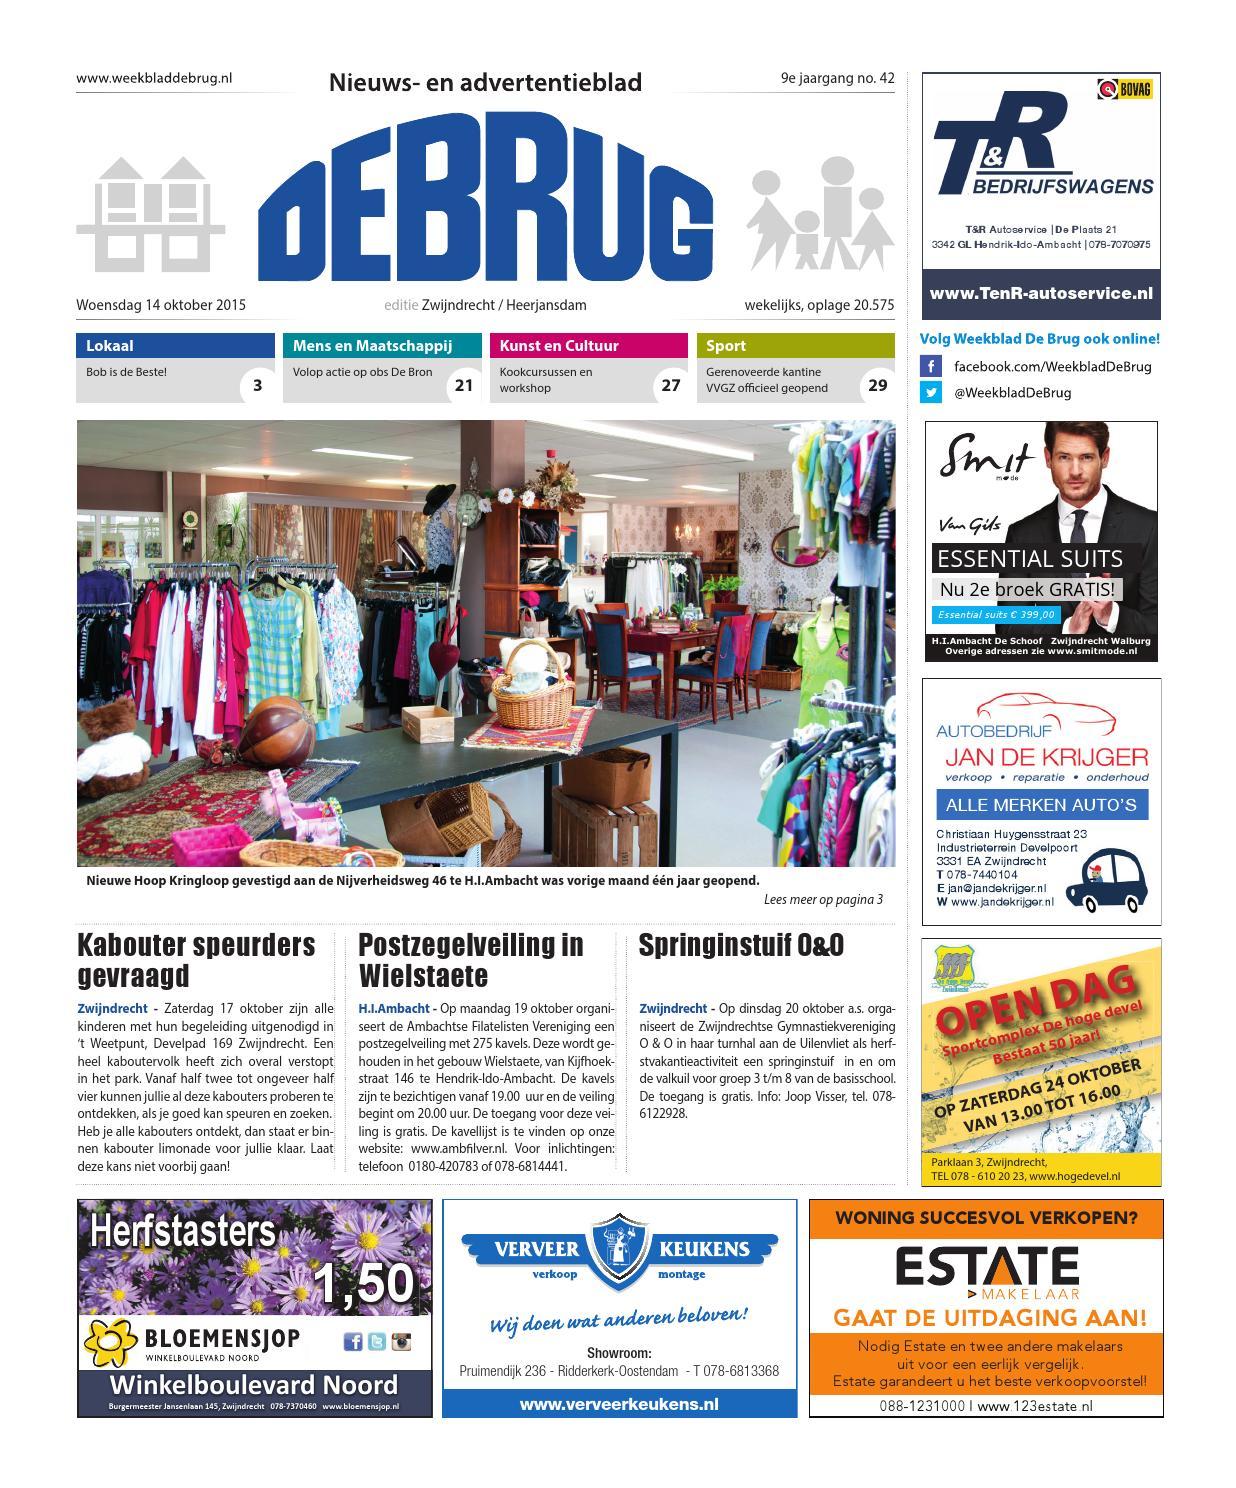 ed24ec89612 Weekblad De Brug - week 42 2015 (editie Zwijndrecht) by Uitgeverij De Brug  - issuu